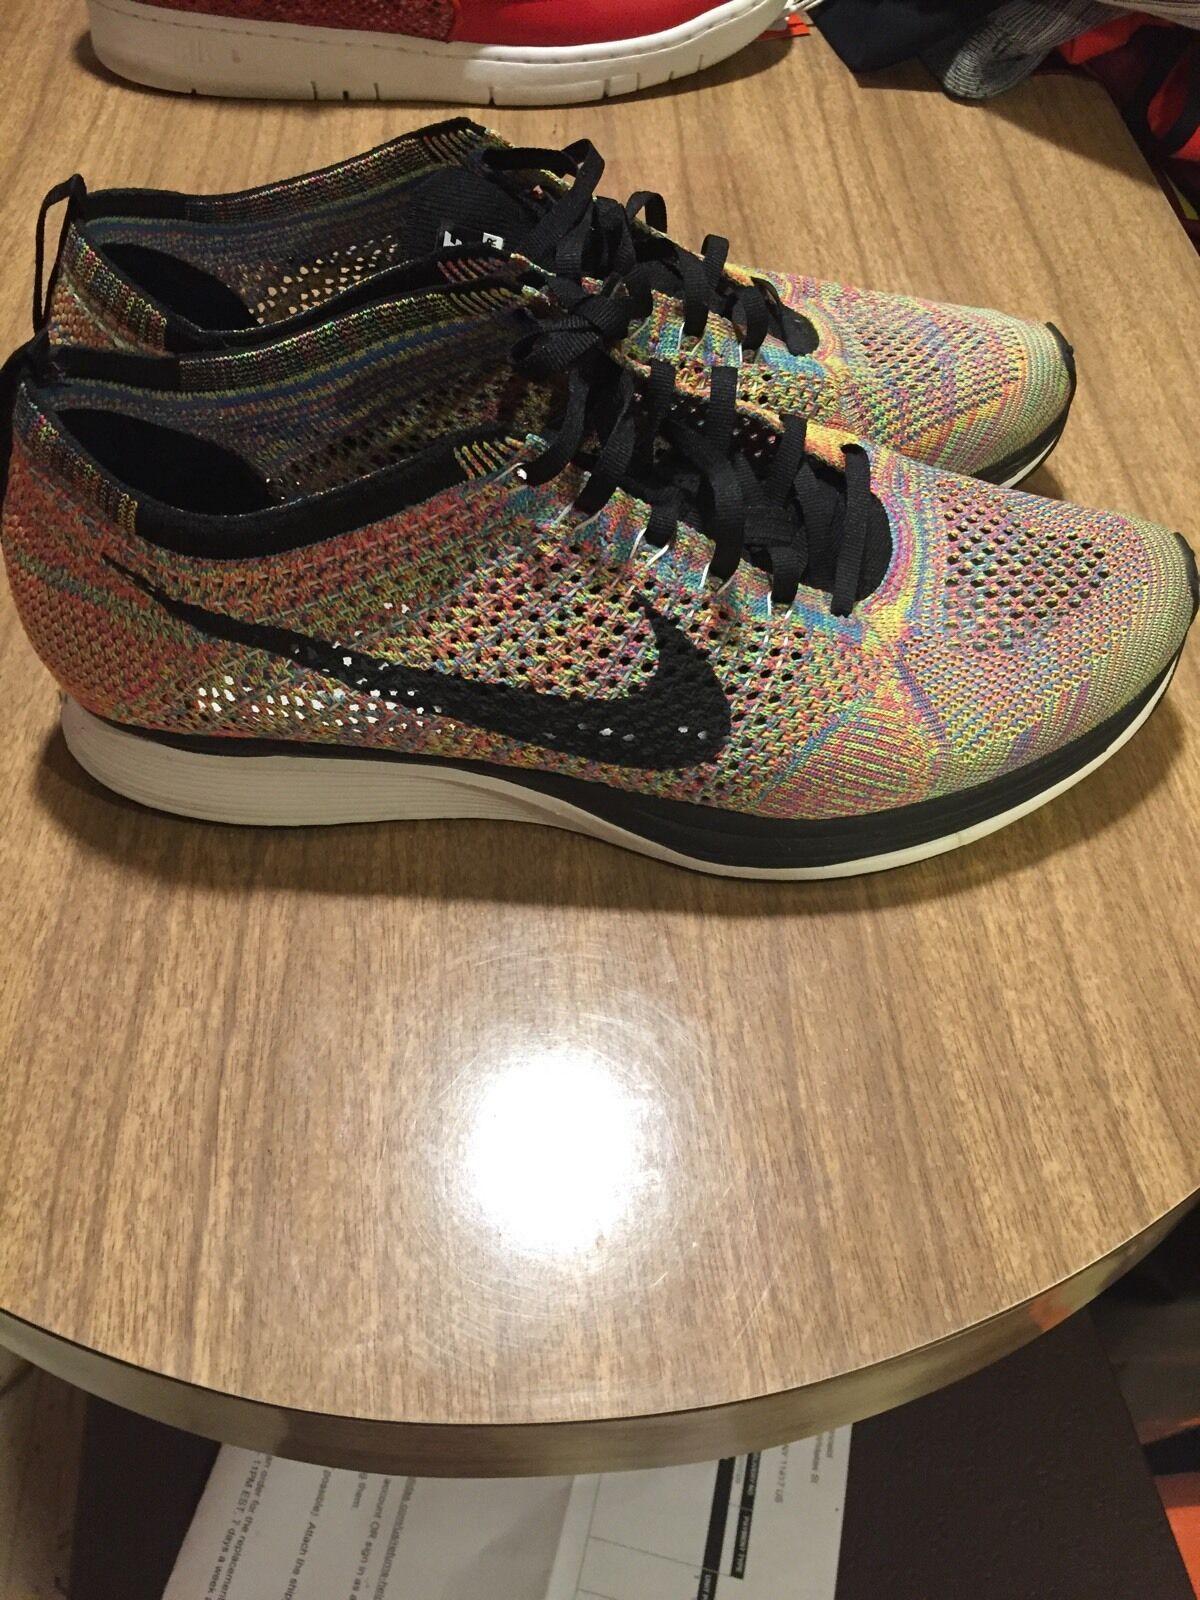 Nike Flyknit Multicolor OG Sz 13 Yeezy Fieg Boost 526628 004 Version 1.0